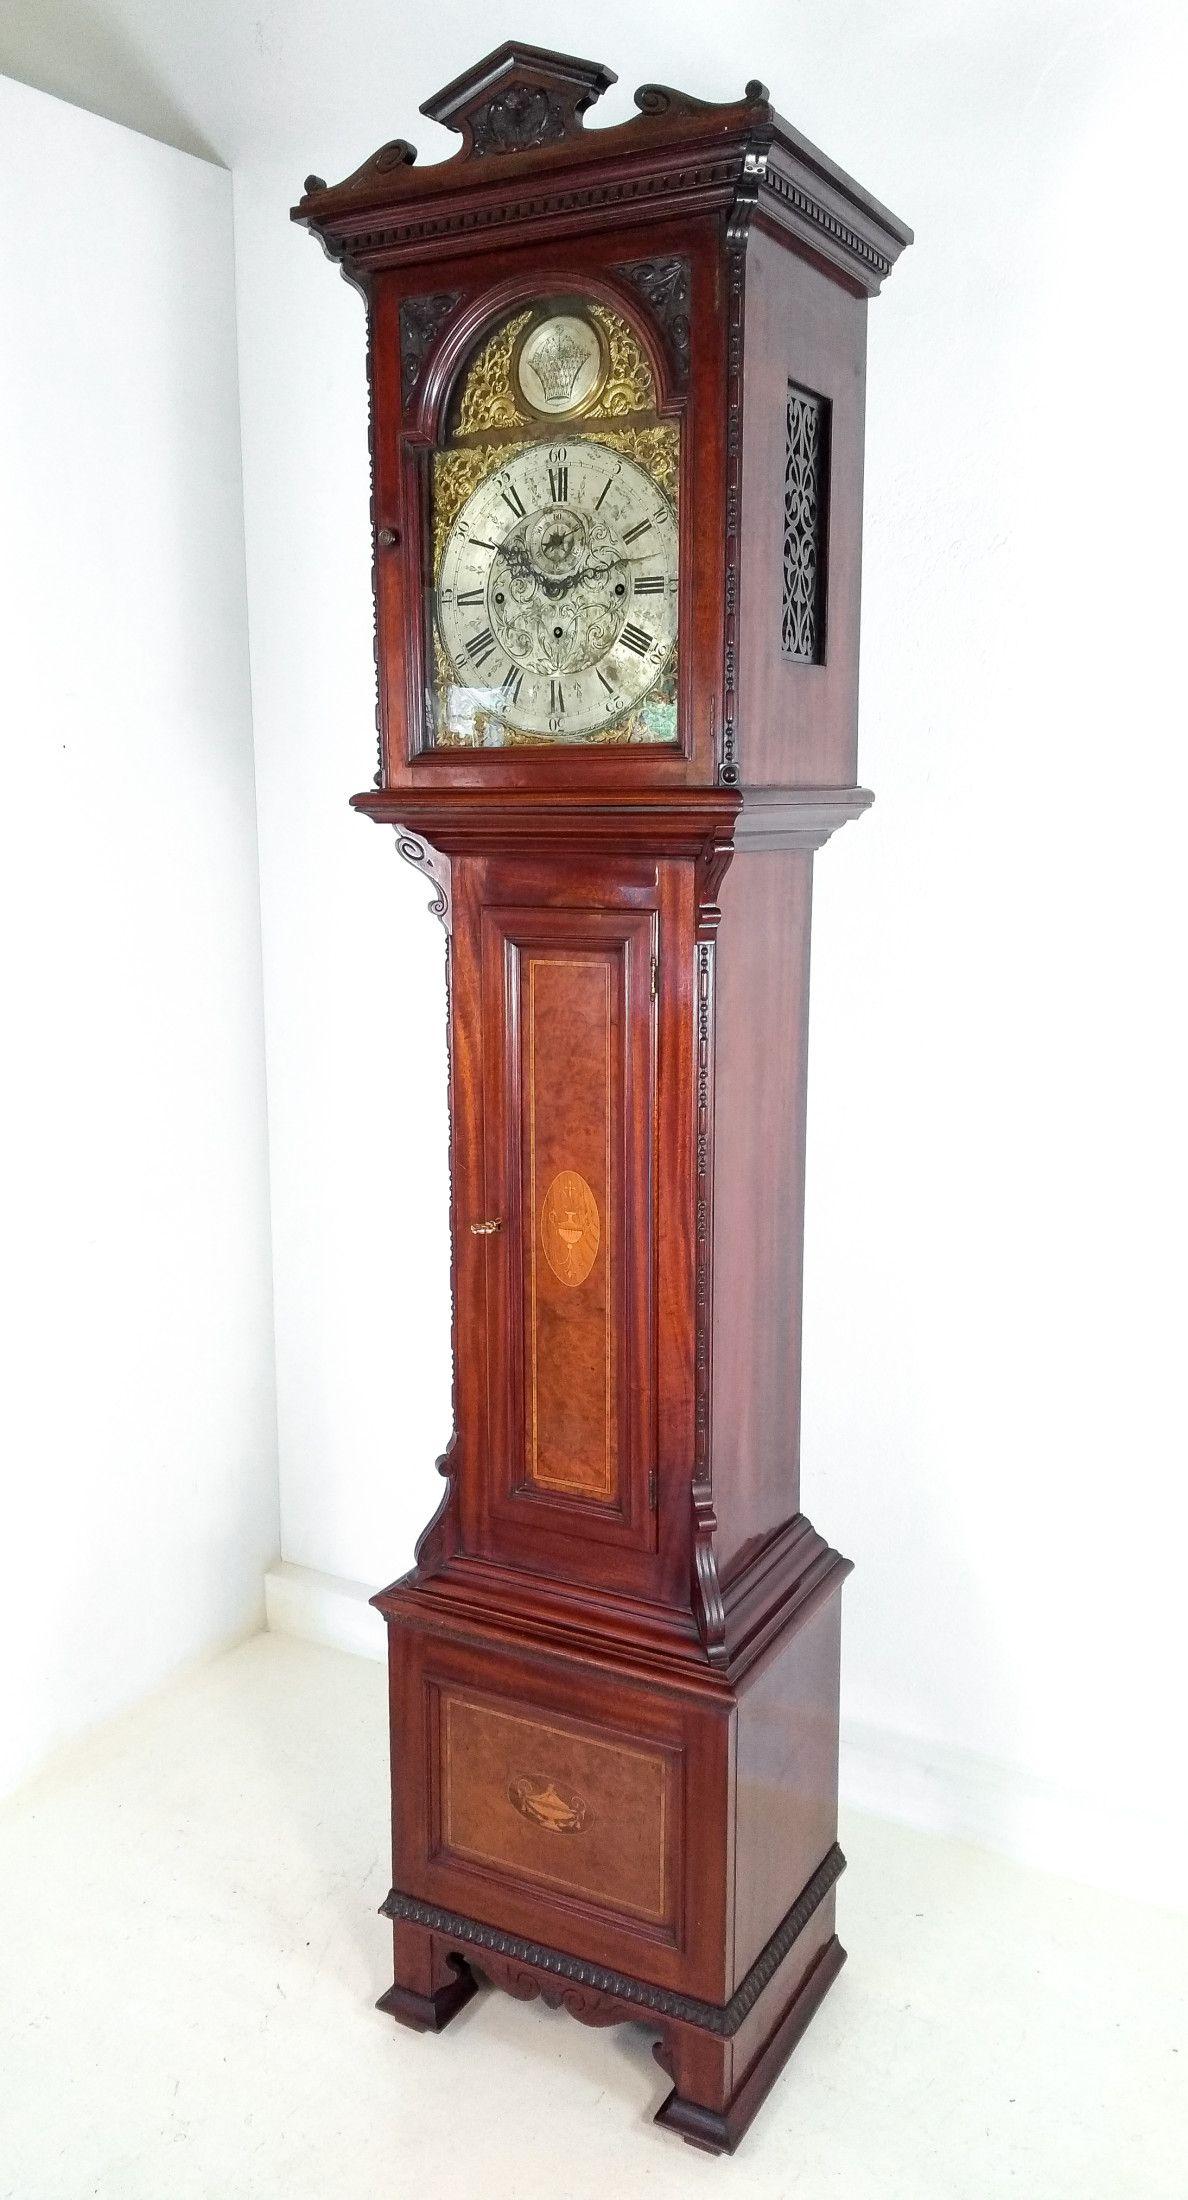 Orologio A Pendolo A Colonna In Legno Intarsiato Funzionante Secondo Ottocento Orologio A Pendolo Orologio Legno